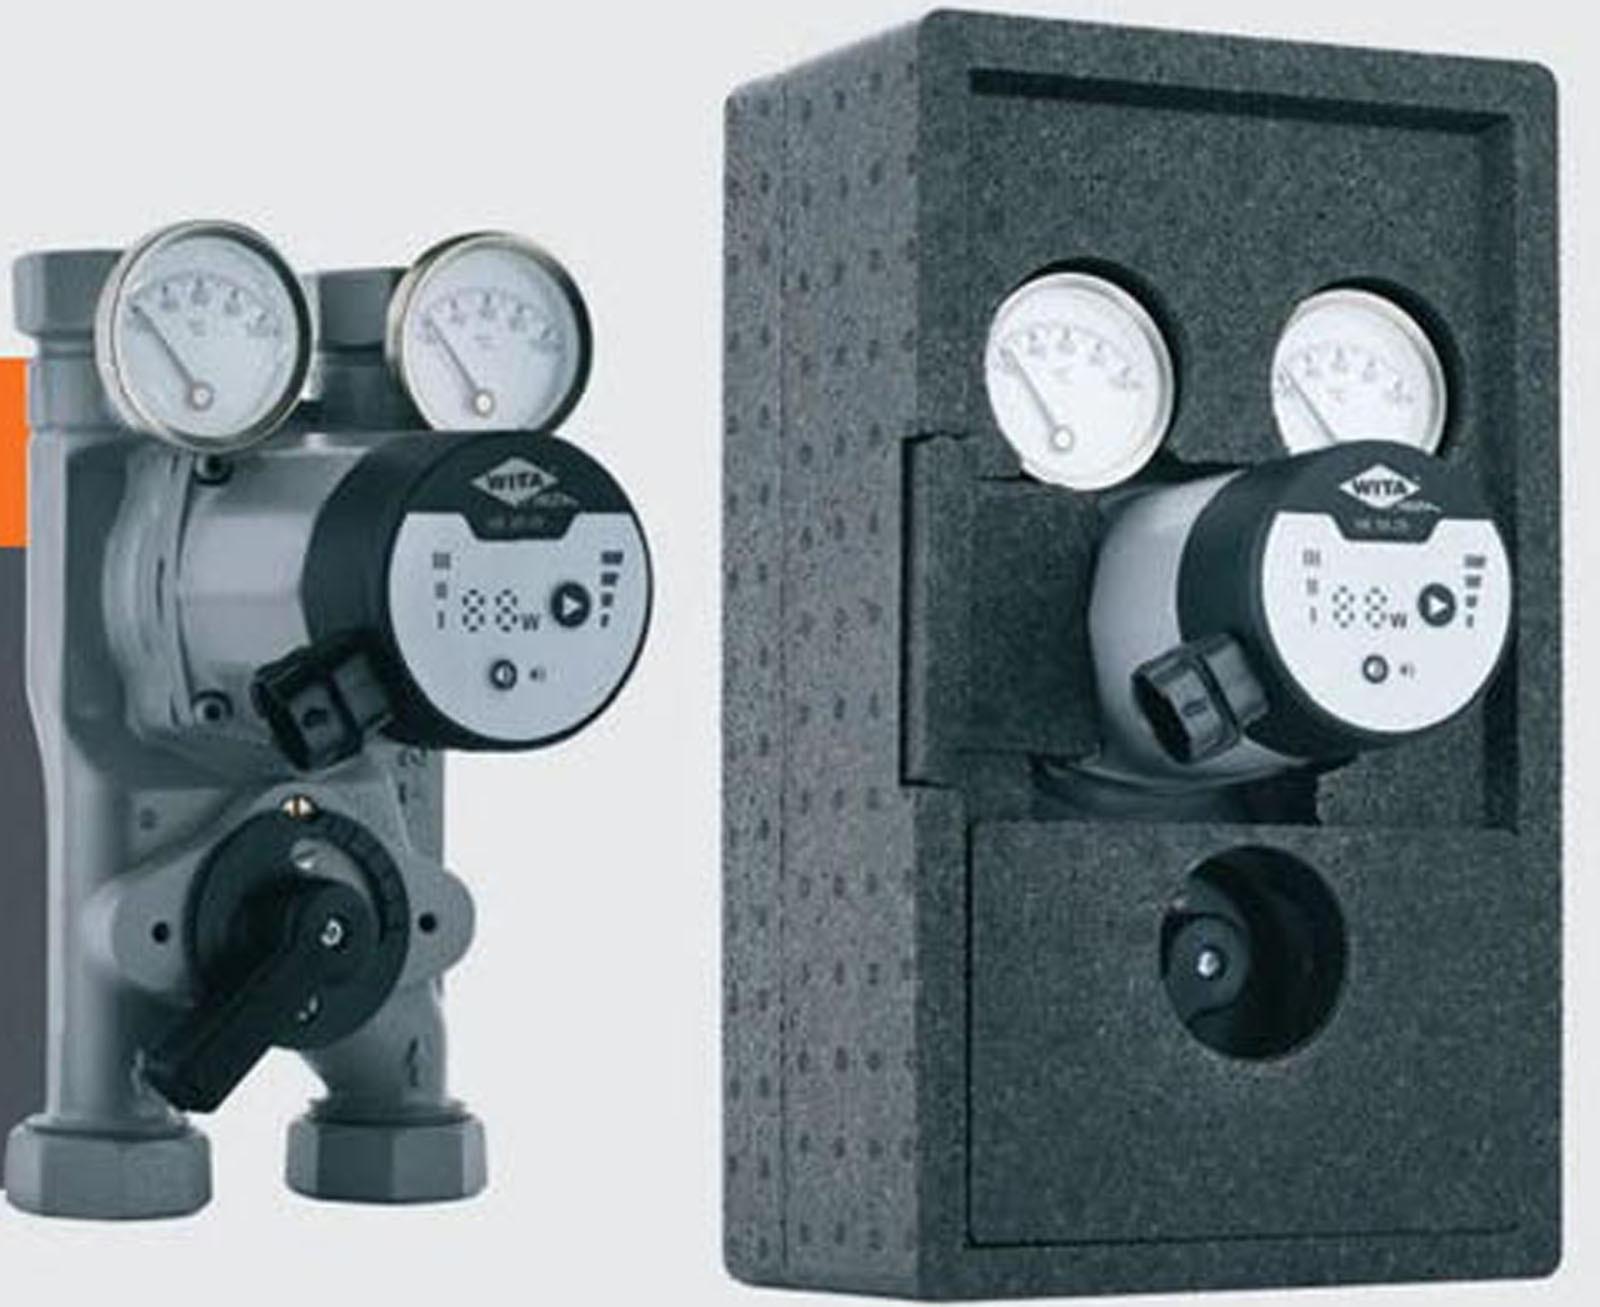 Wita-Bloc T20 Pumpengruppe DN25 Hocheffizienz Pumpe + Mischer 90mm Achsabstand